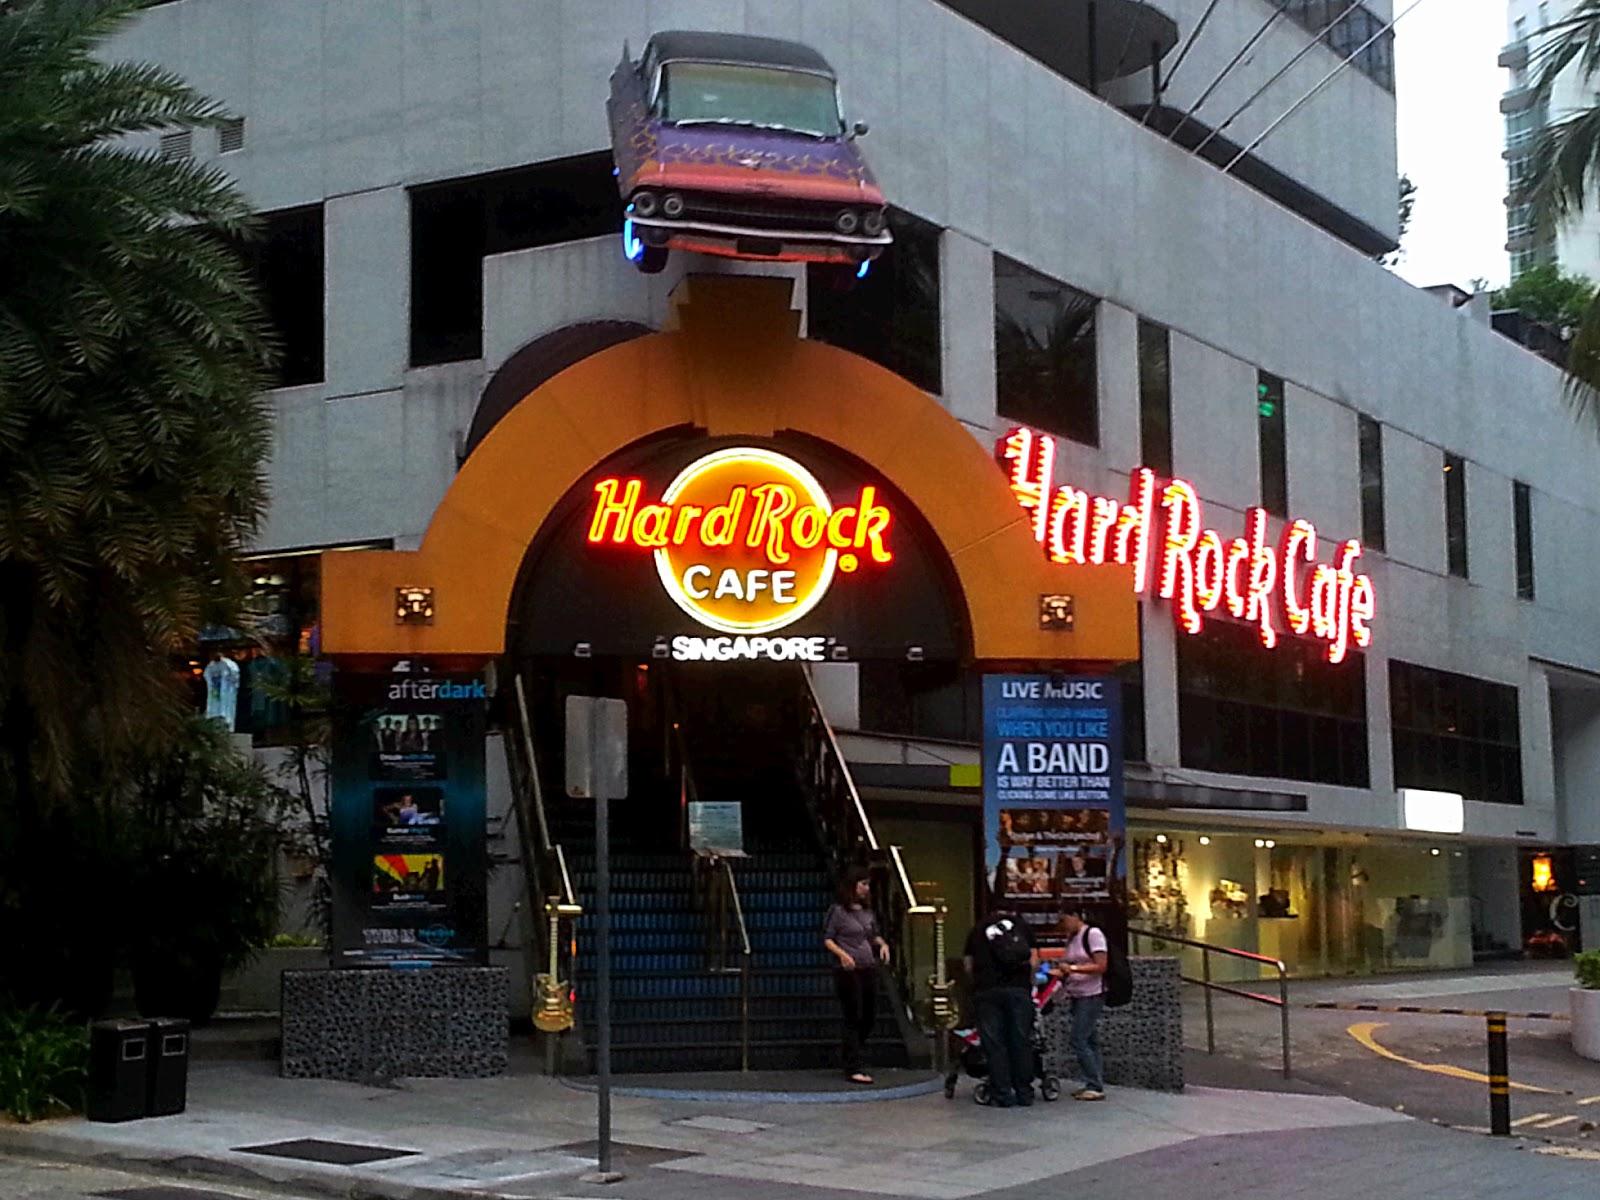 Hard Rock Cafe - JtheJon